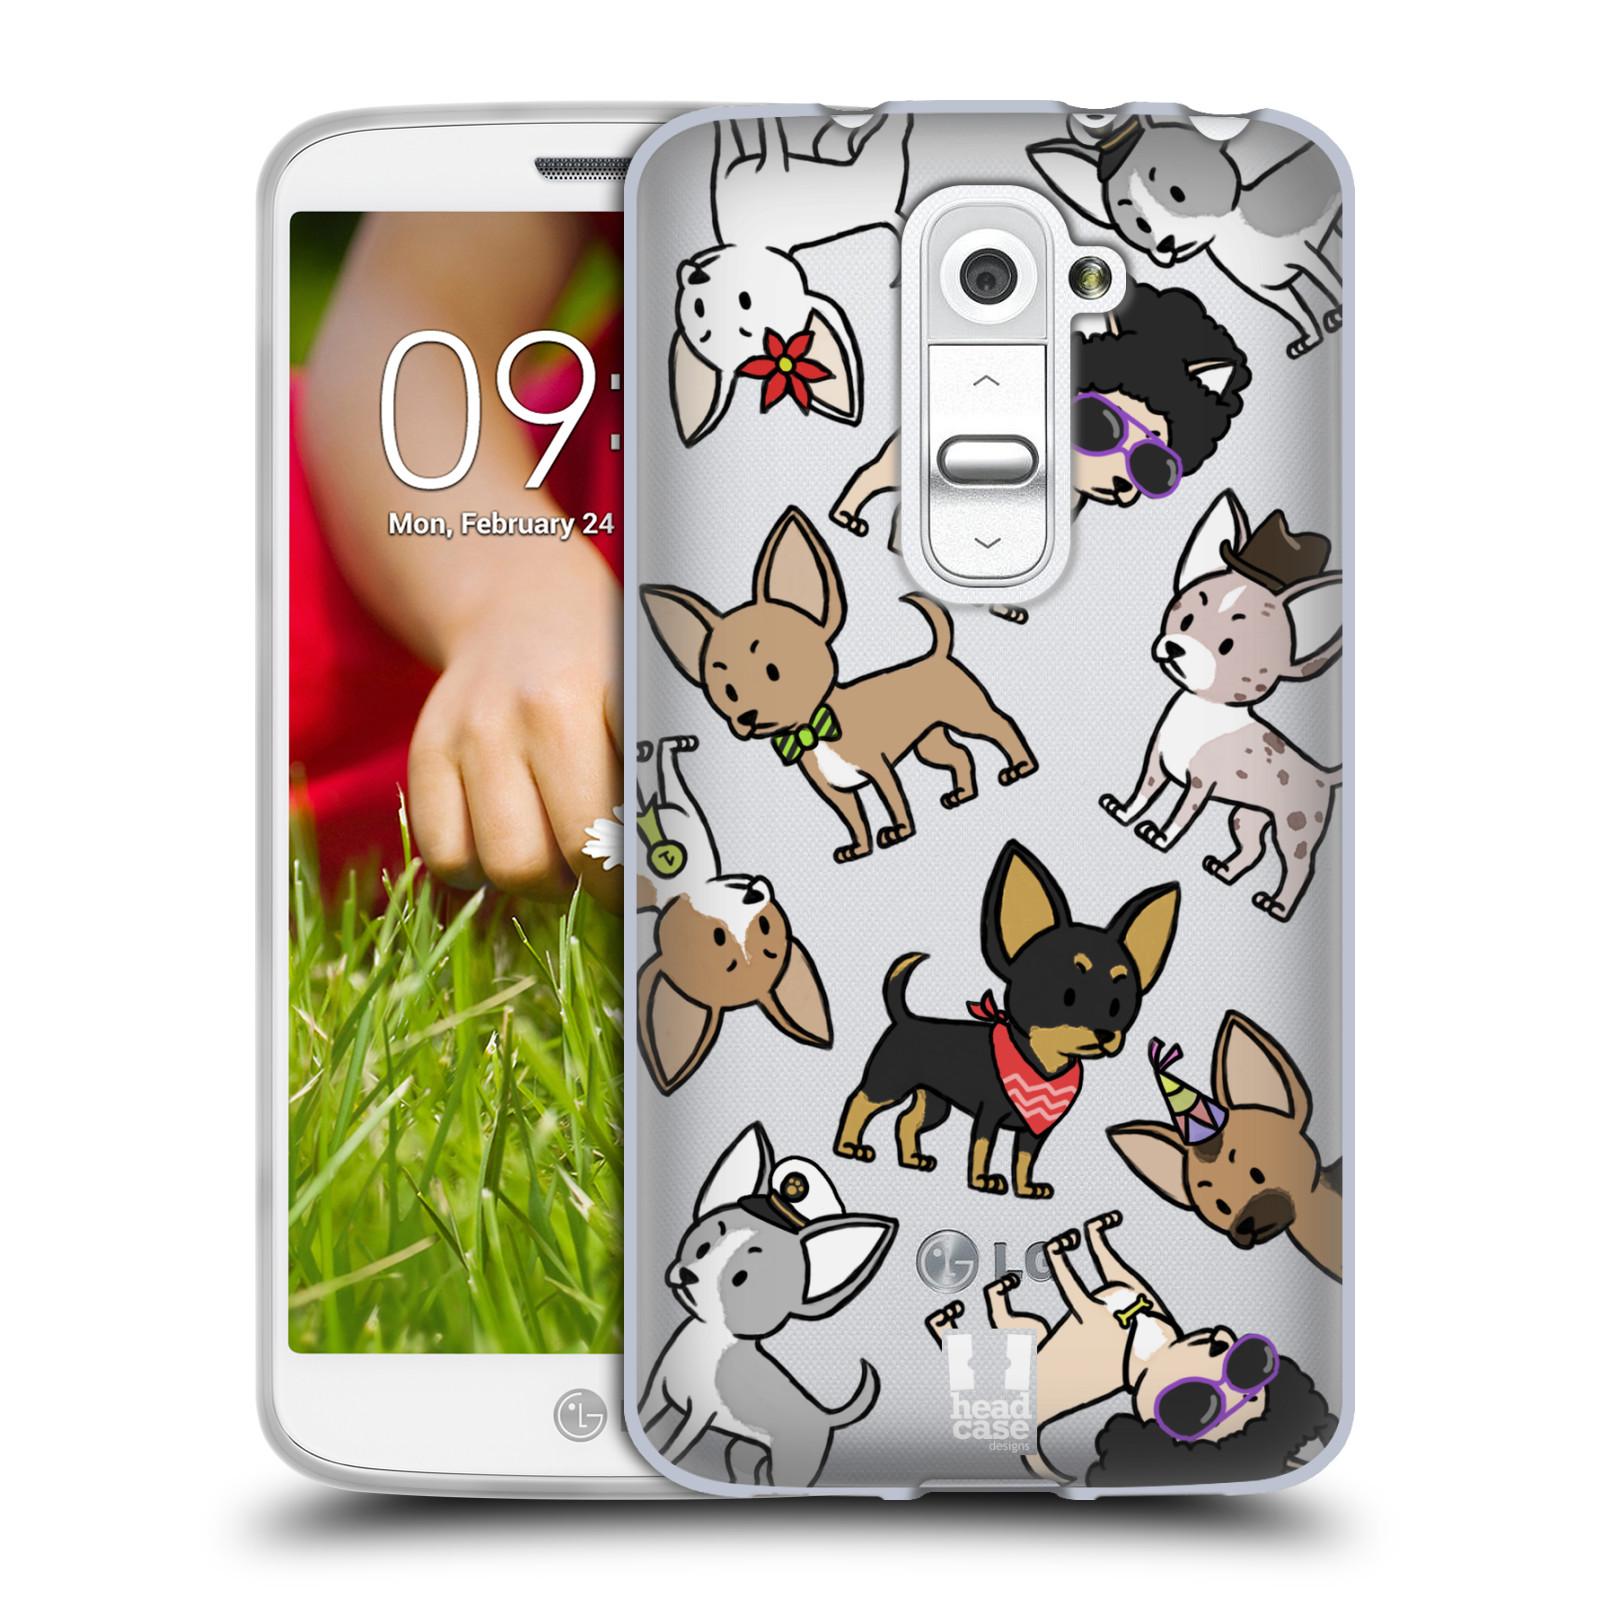 Silikonové pouzdro na mobil LG G2 Mini Head Case - Čivavy (Silikonový kryt či obal na mobilní telefon s motivem čivav pro LG G2 Mini D620)